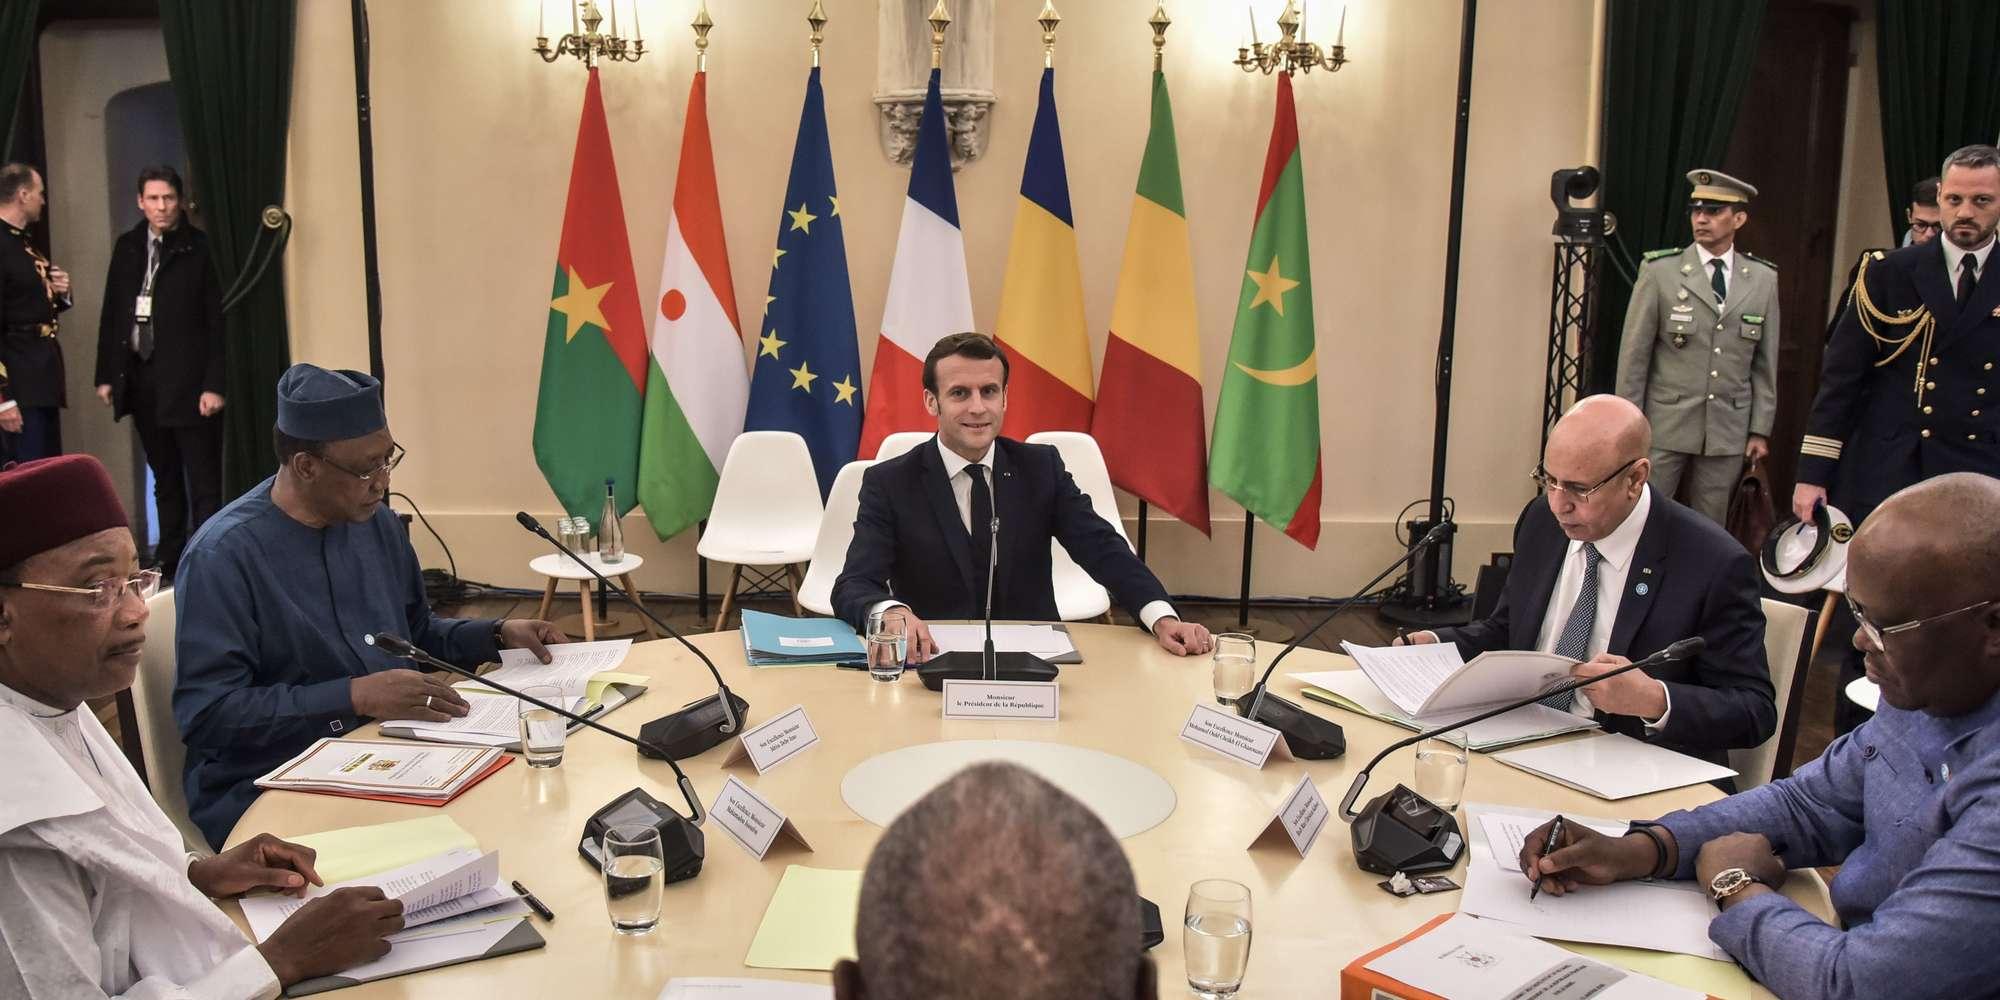 La Mauritanie dans le G5 : Un atout qui s'affirme